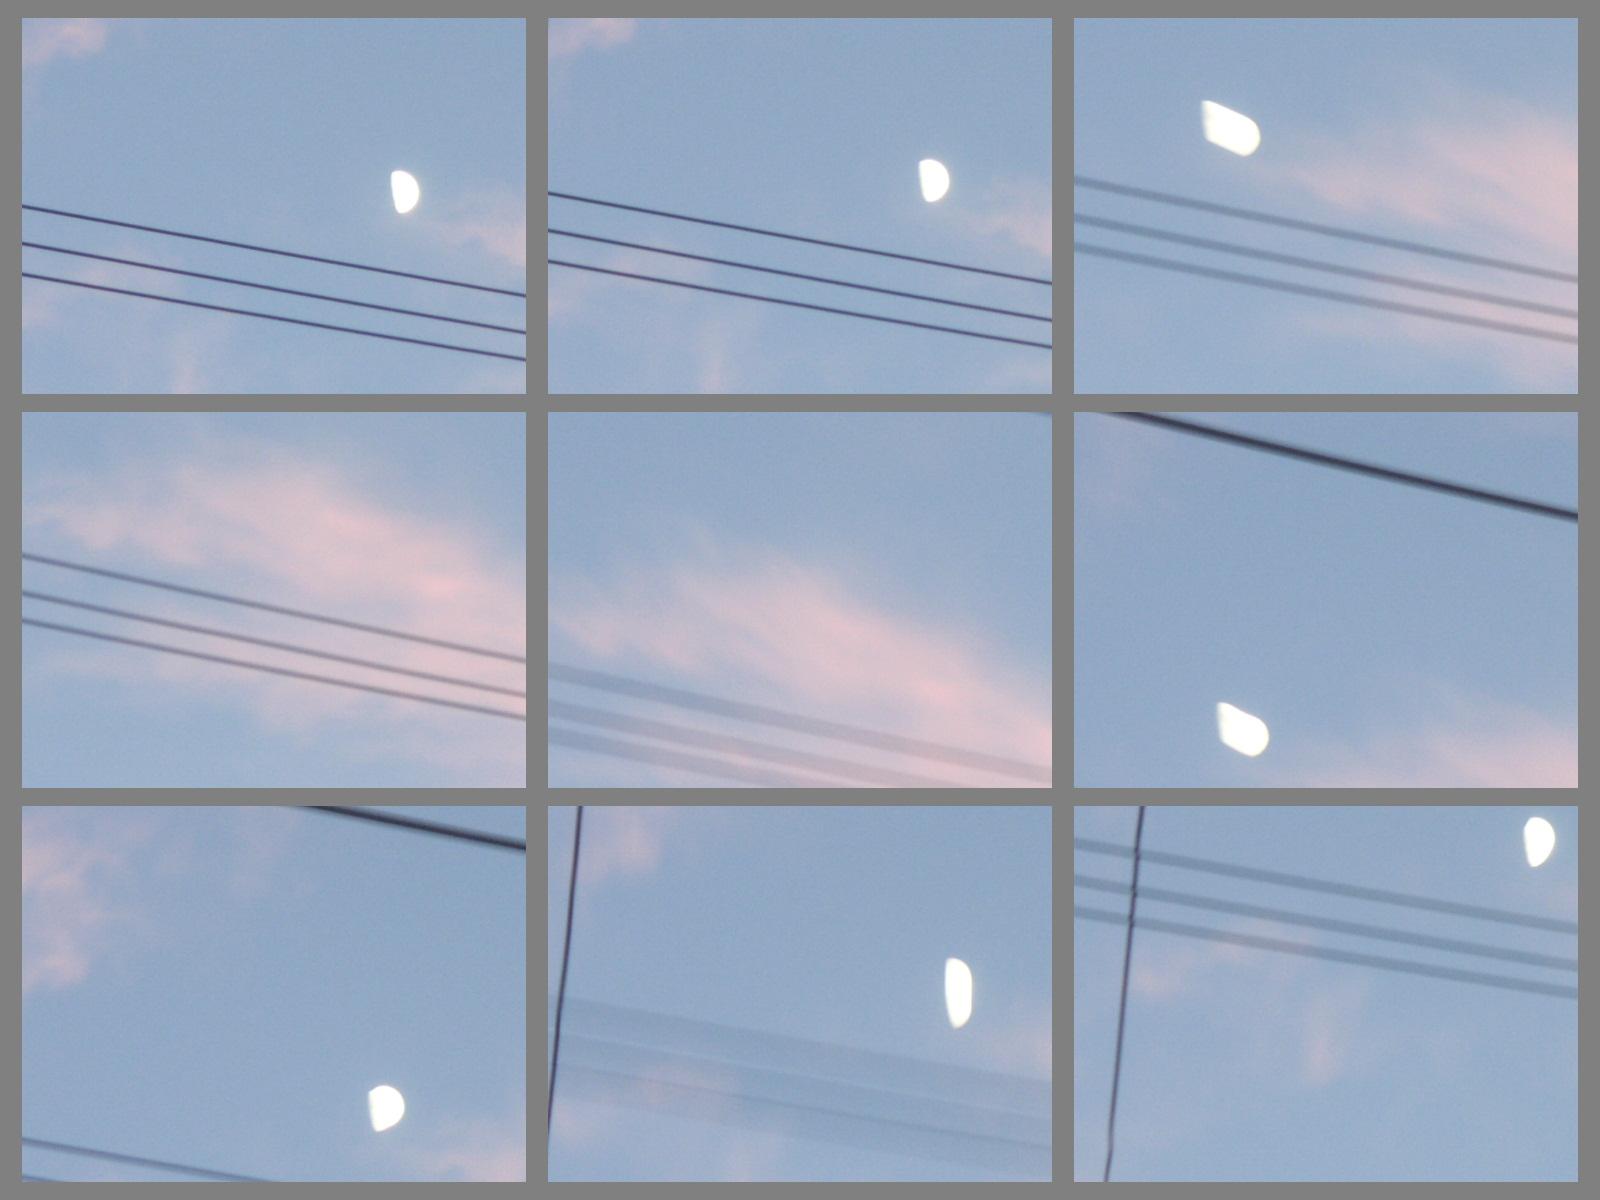 f0146802_10273.jpg